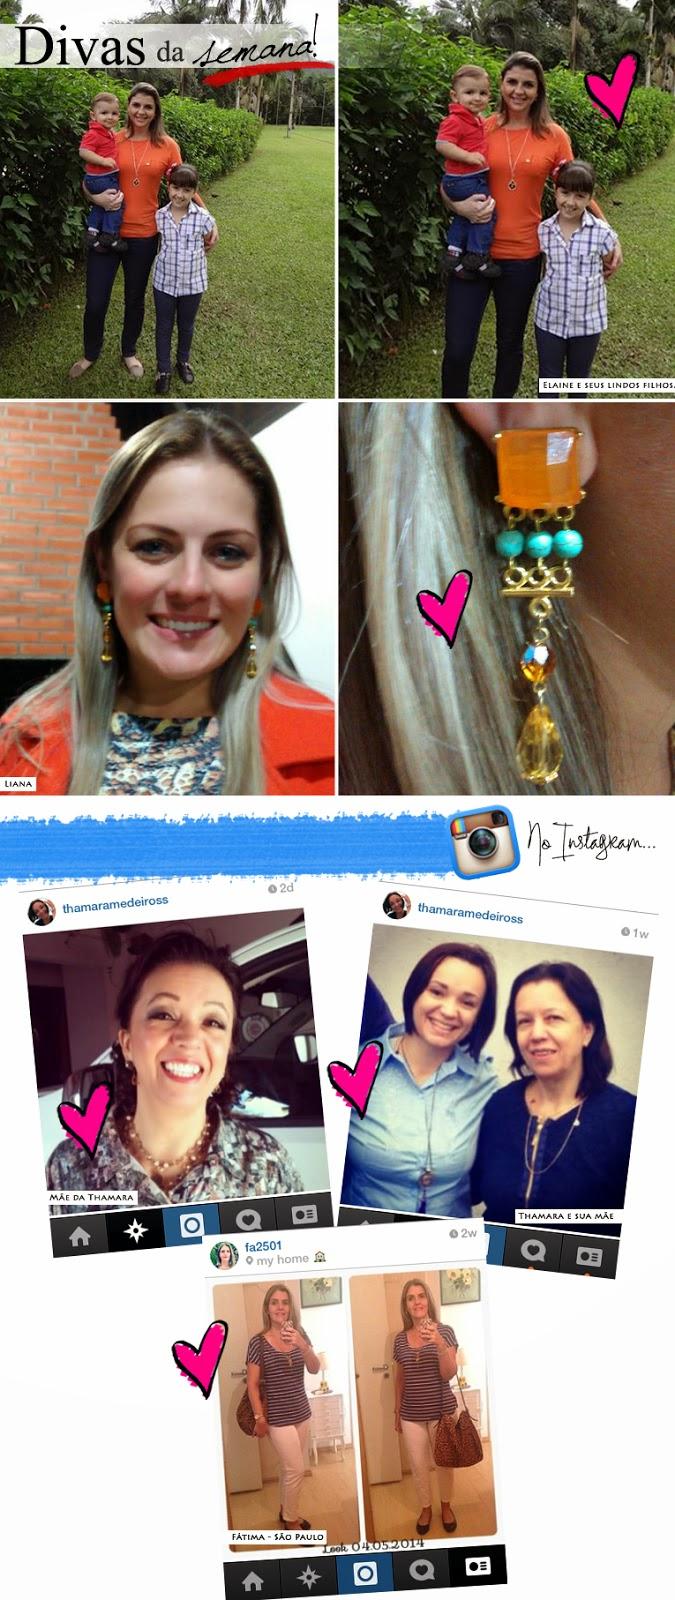 Divas, blog de acessórios, acessórios, são paulo, joinville, blogger, blogueira, colar, brinco